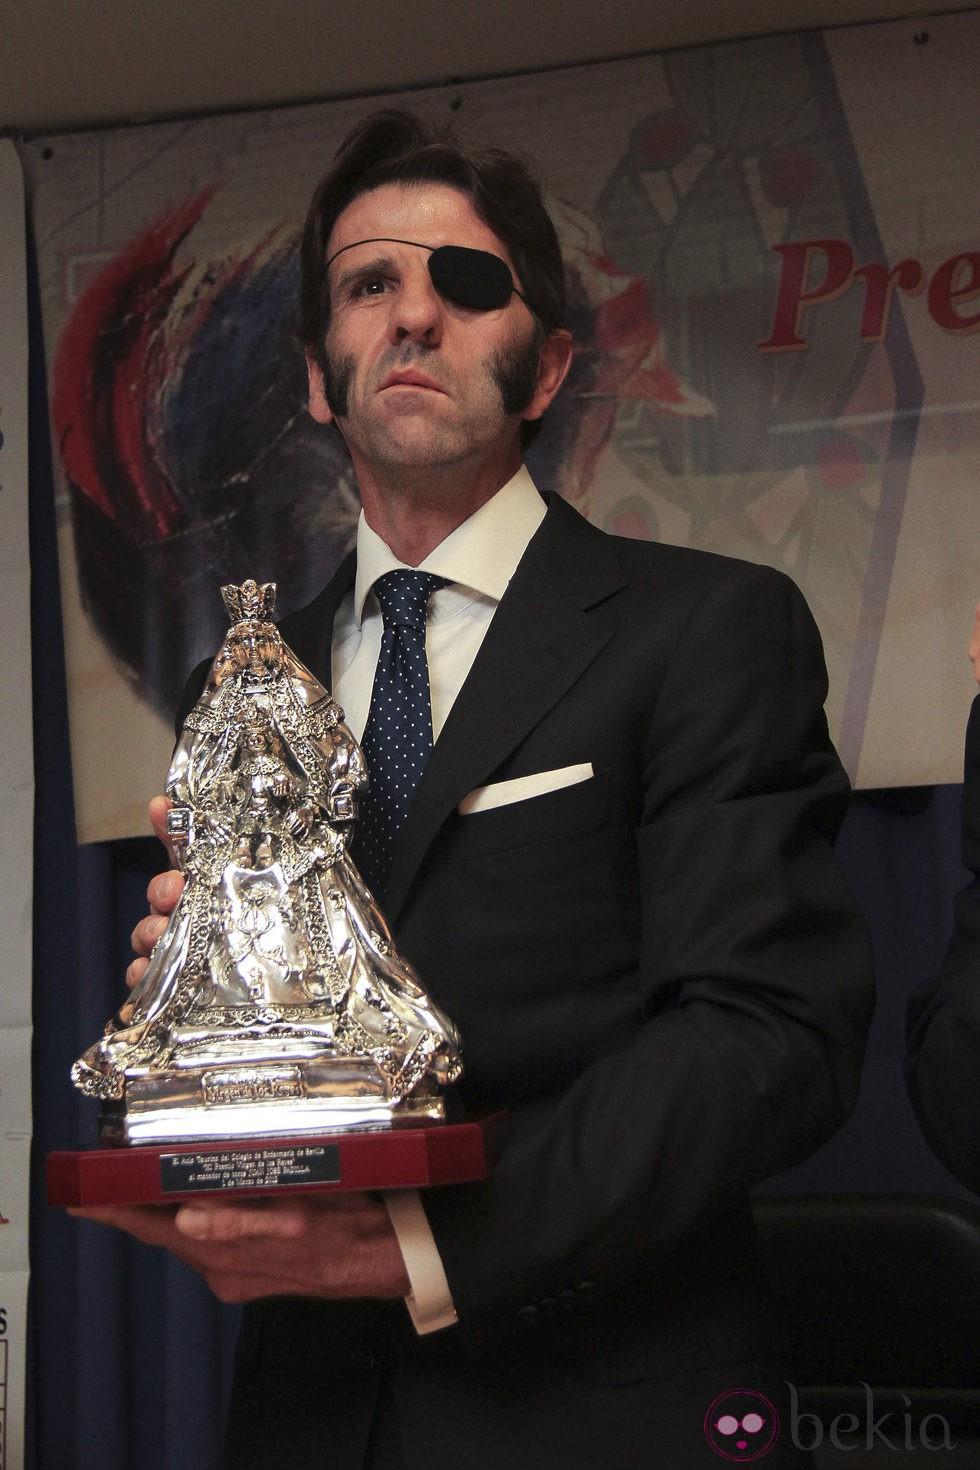 Juan jos padilla recibe el premio virgen de los reyes bekia for Mudanzas virgen de los reyes